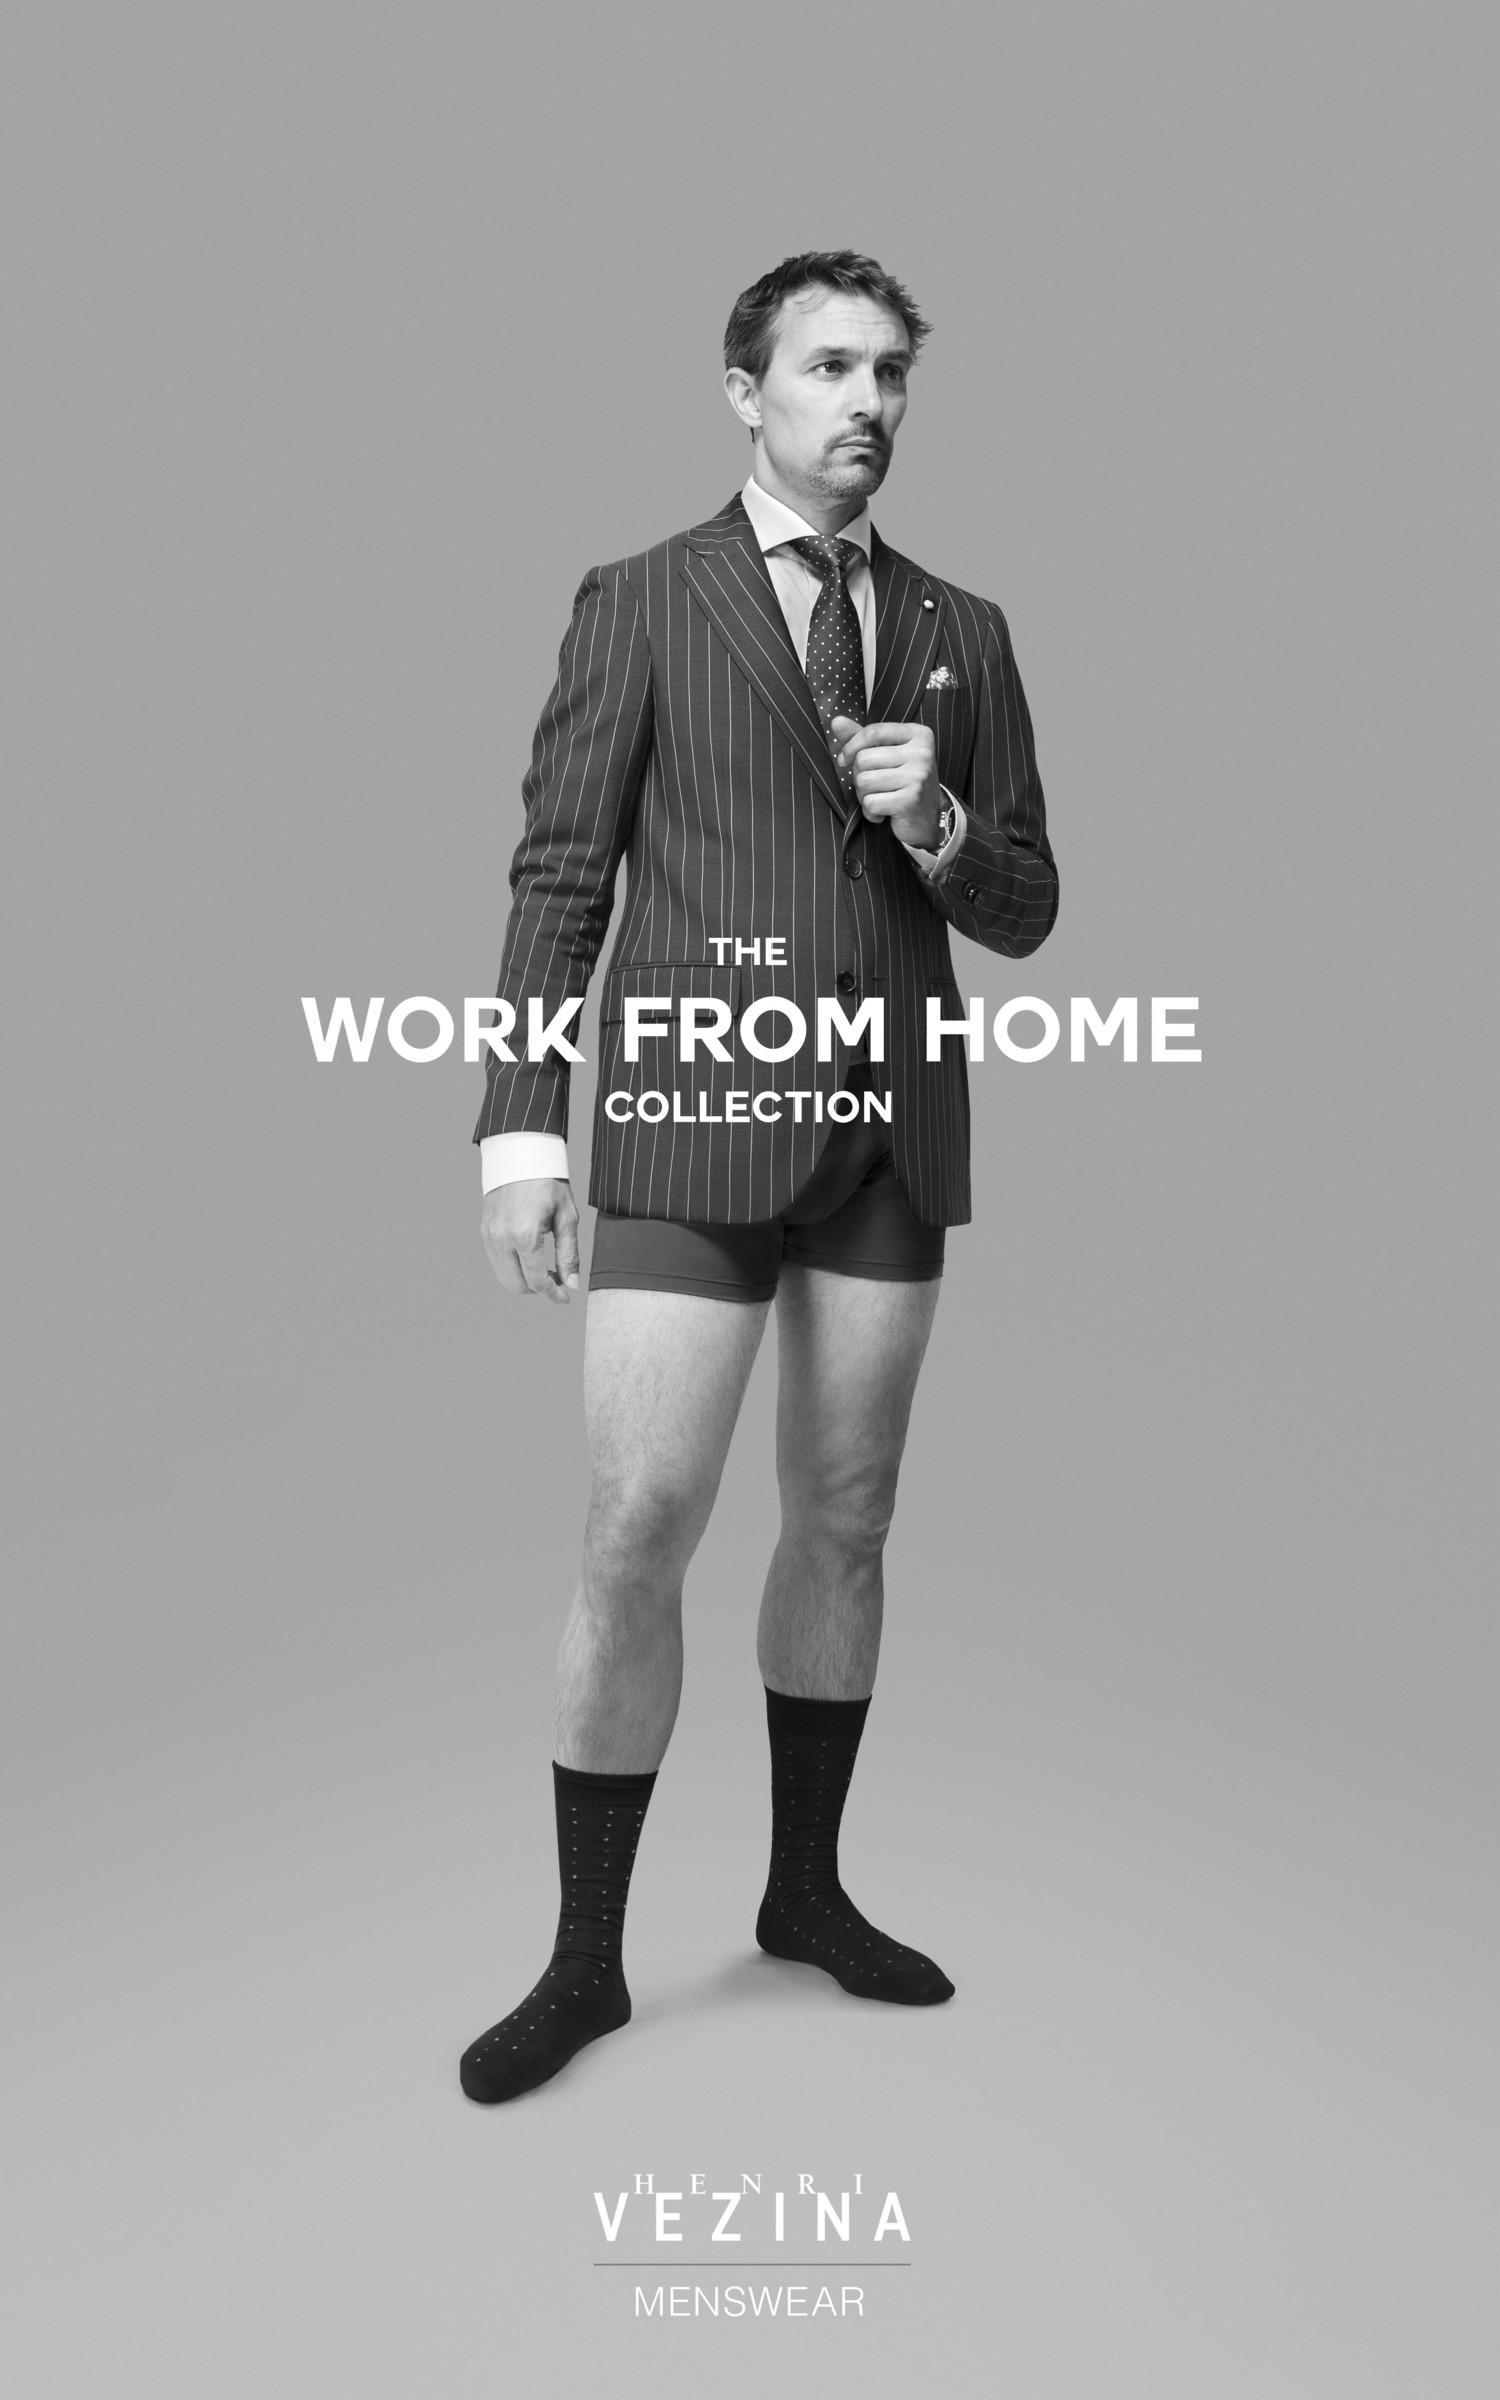 Канадский бренд Henri Vézina представил коллекцию одежды для работы из дома - фото 2